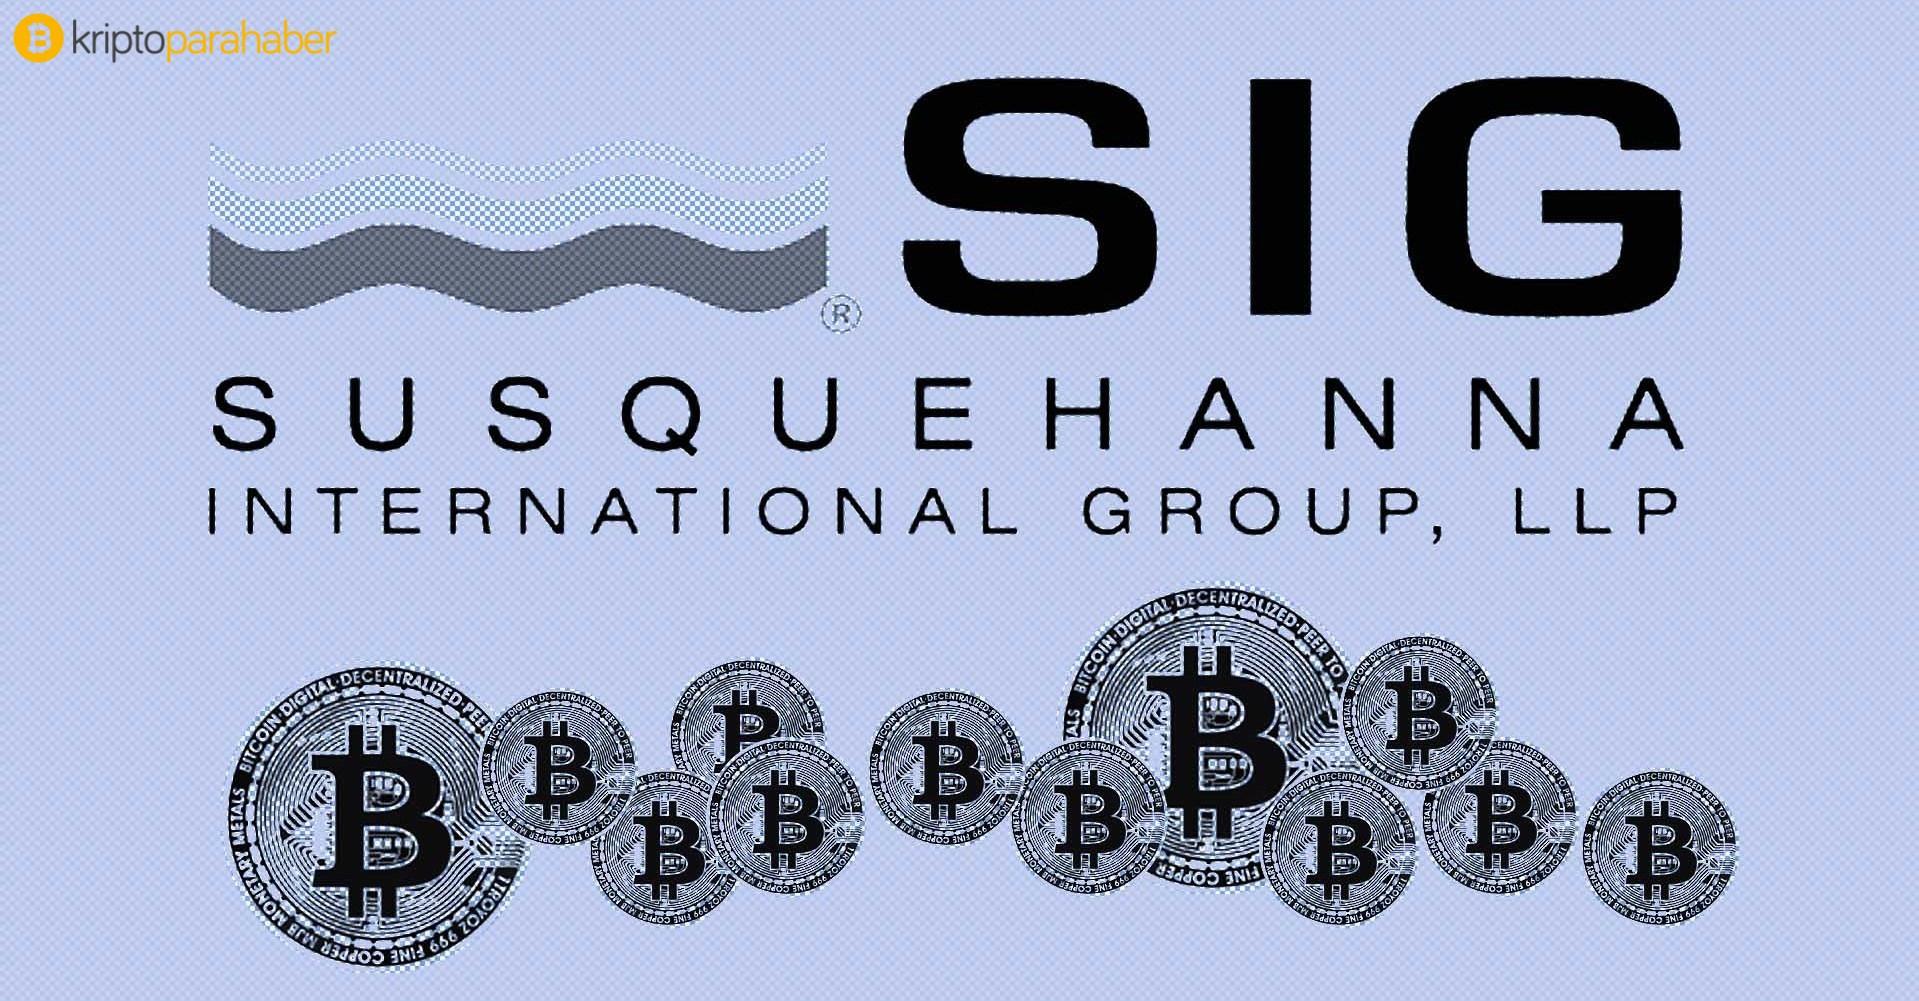 Bitcoin vadeli işlemlerini ilk başta 500 müşteri için açacak